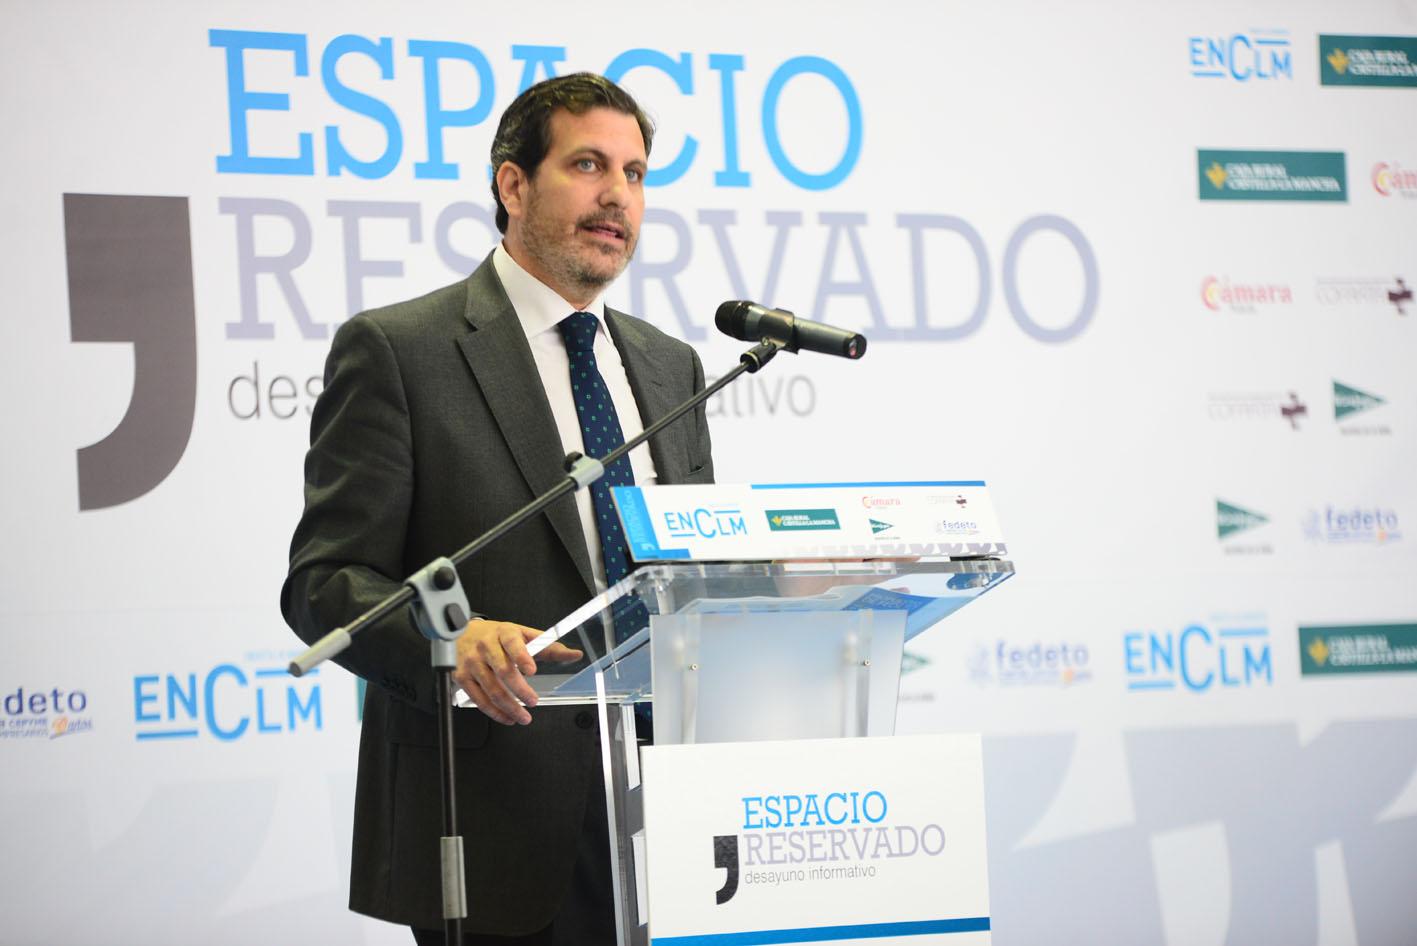 Manuel Madruga Espacio Reservado